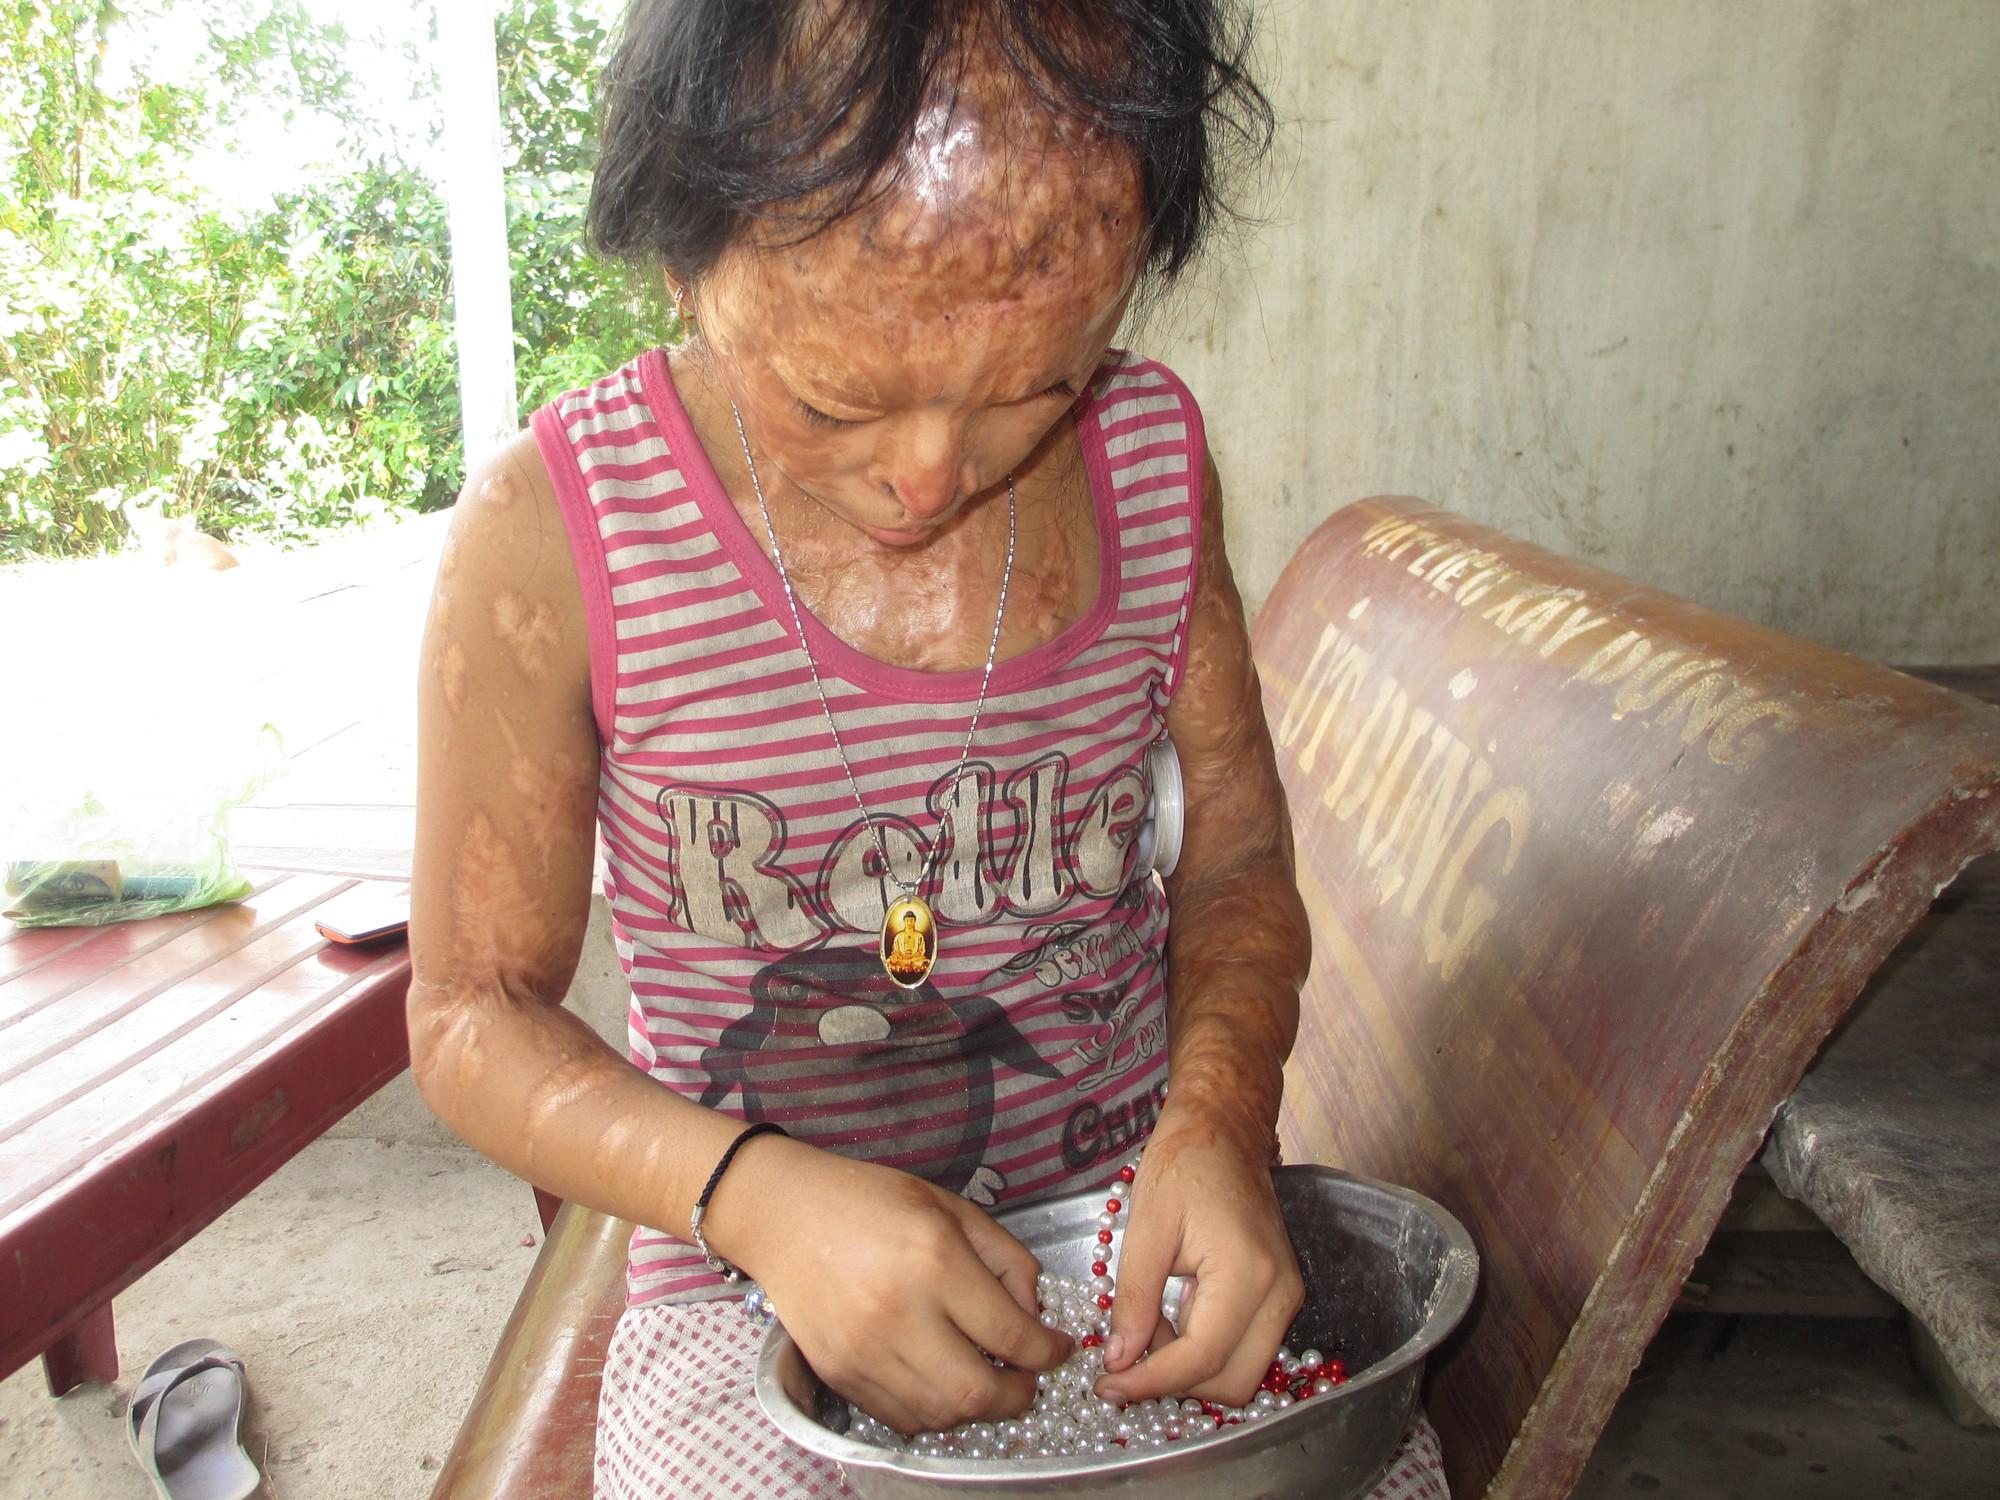 Bà nội bé gái bị tạt axit năm 7 tuổi vì mẹ giật chồng người khác: Tôi muốn xin đôi mắt của tử tù Nguyễn Hữu Tình để cứu cháu - Ảnh 2.